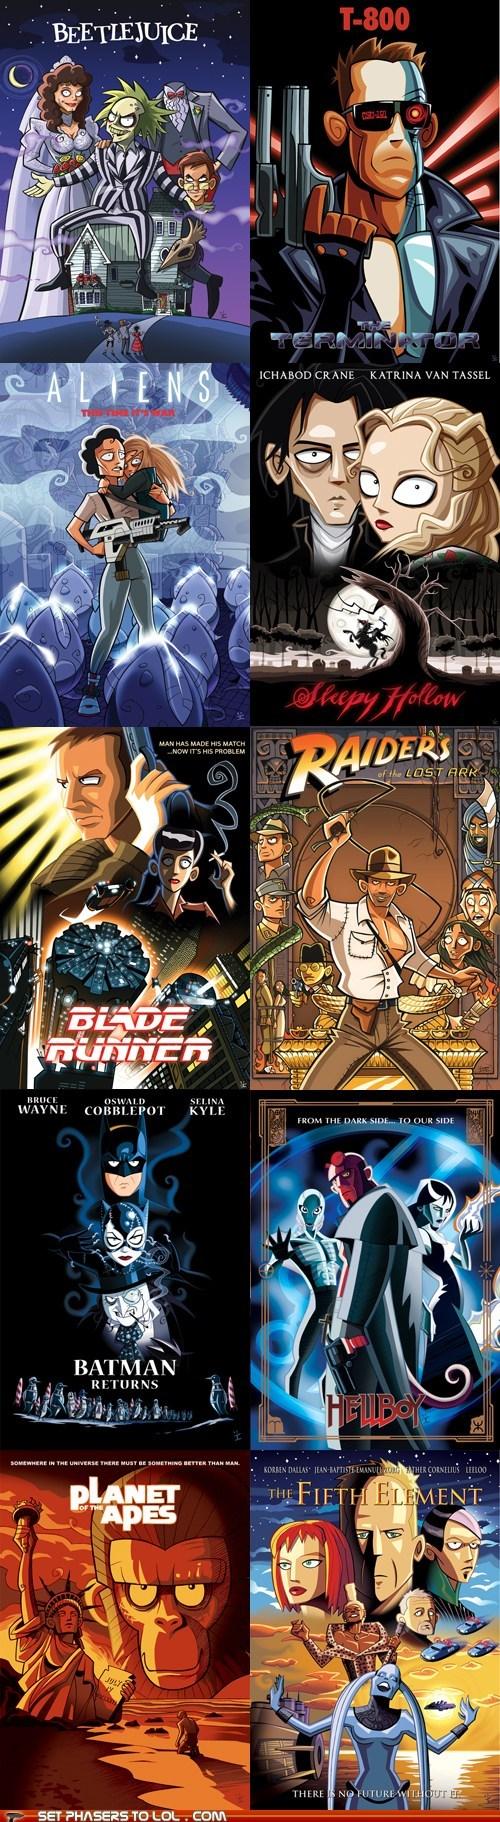 Aliens batman beetlejuice Blade Runner Ellen Ripley Indiana Jones newt raiders of the lost ark the fifth element tim burton - 6472296448